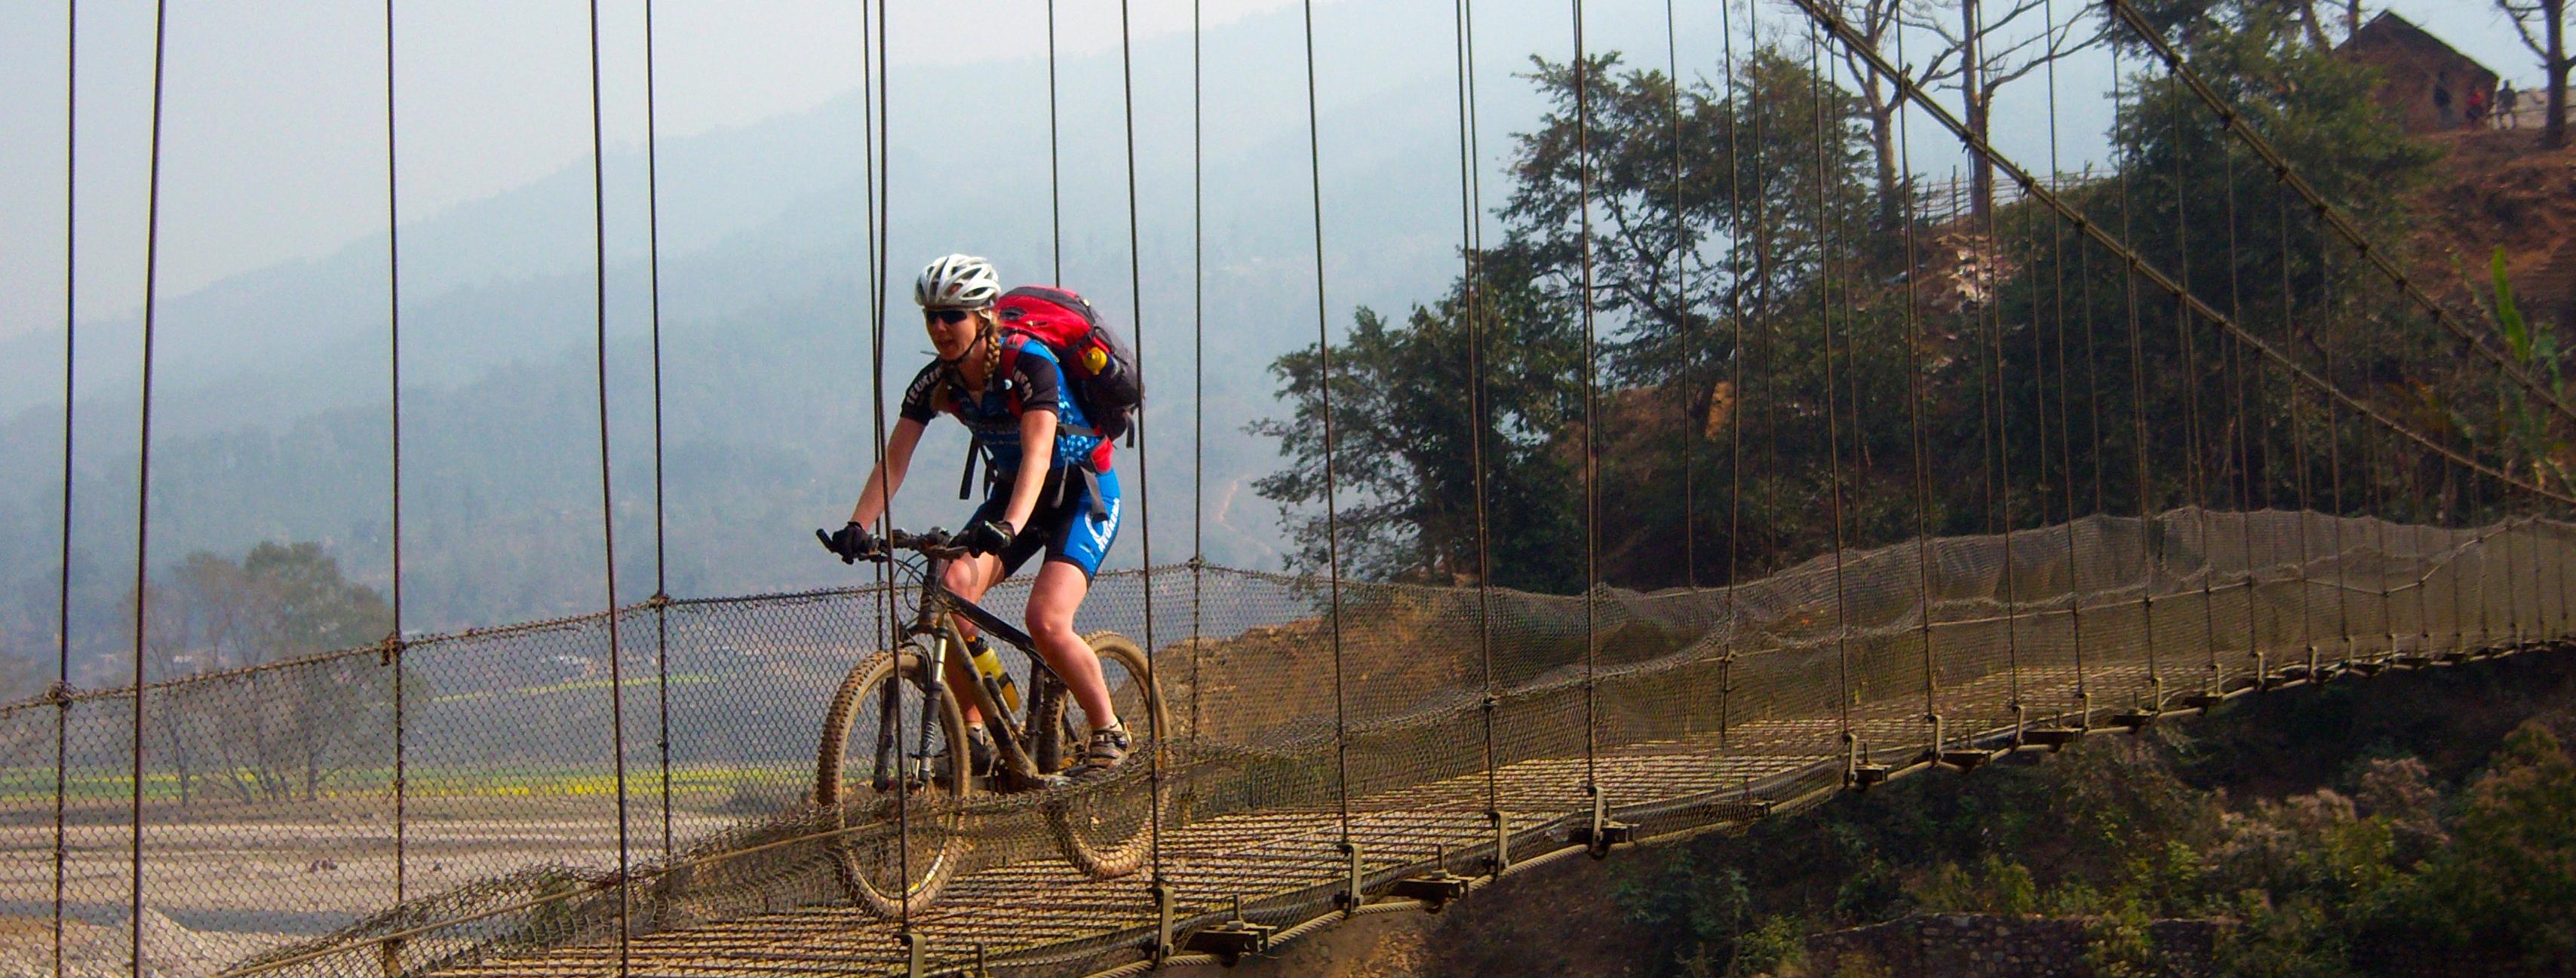 Suspensionbridge Lamjung